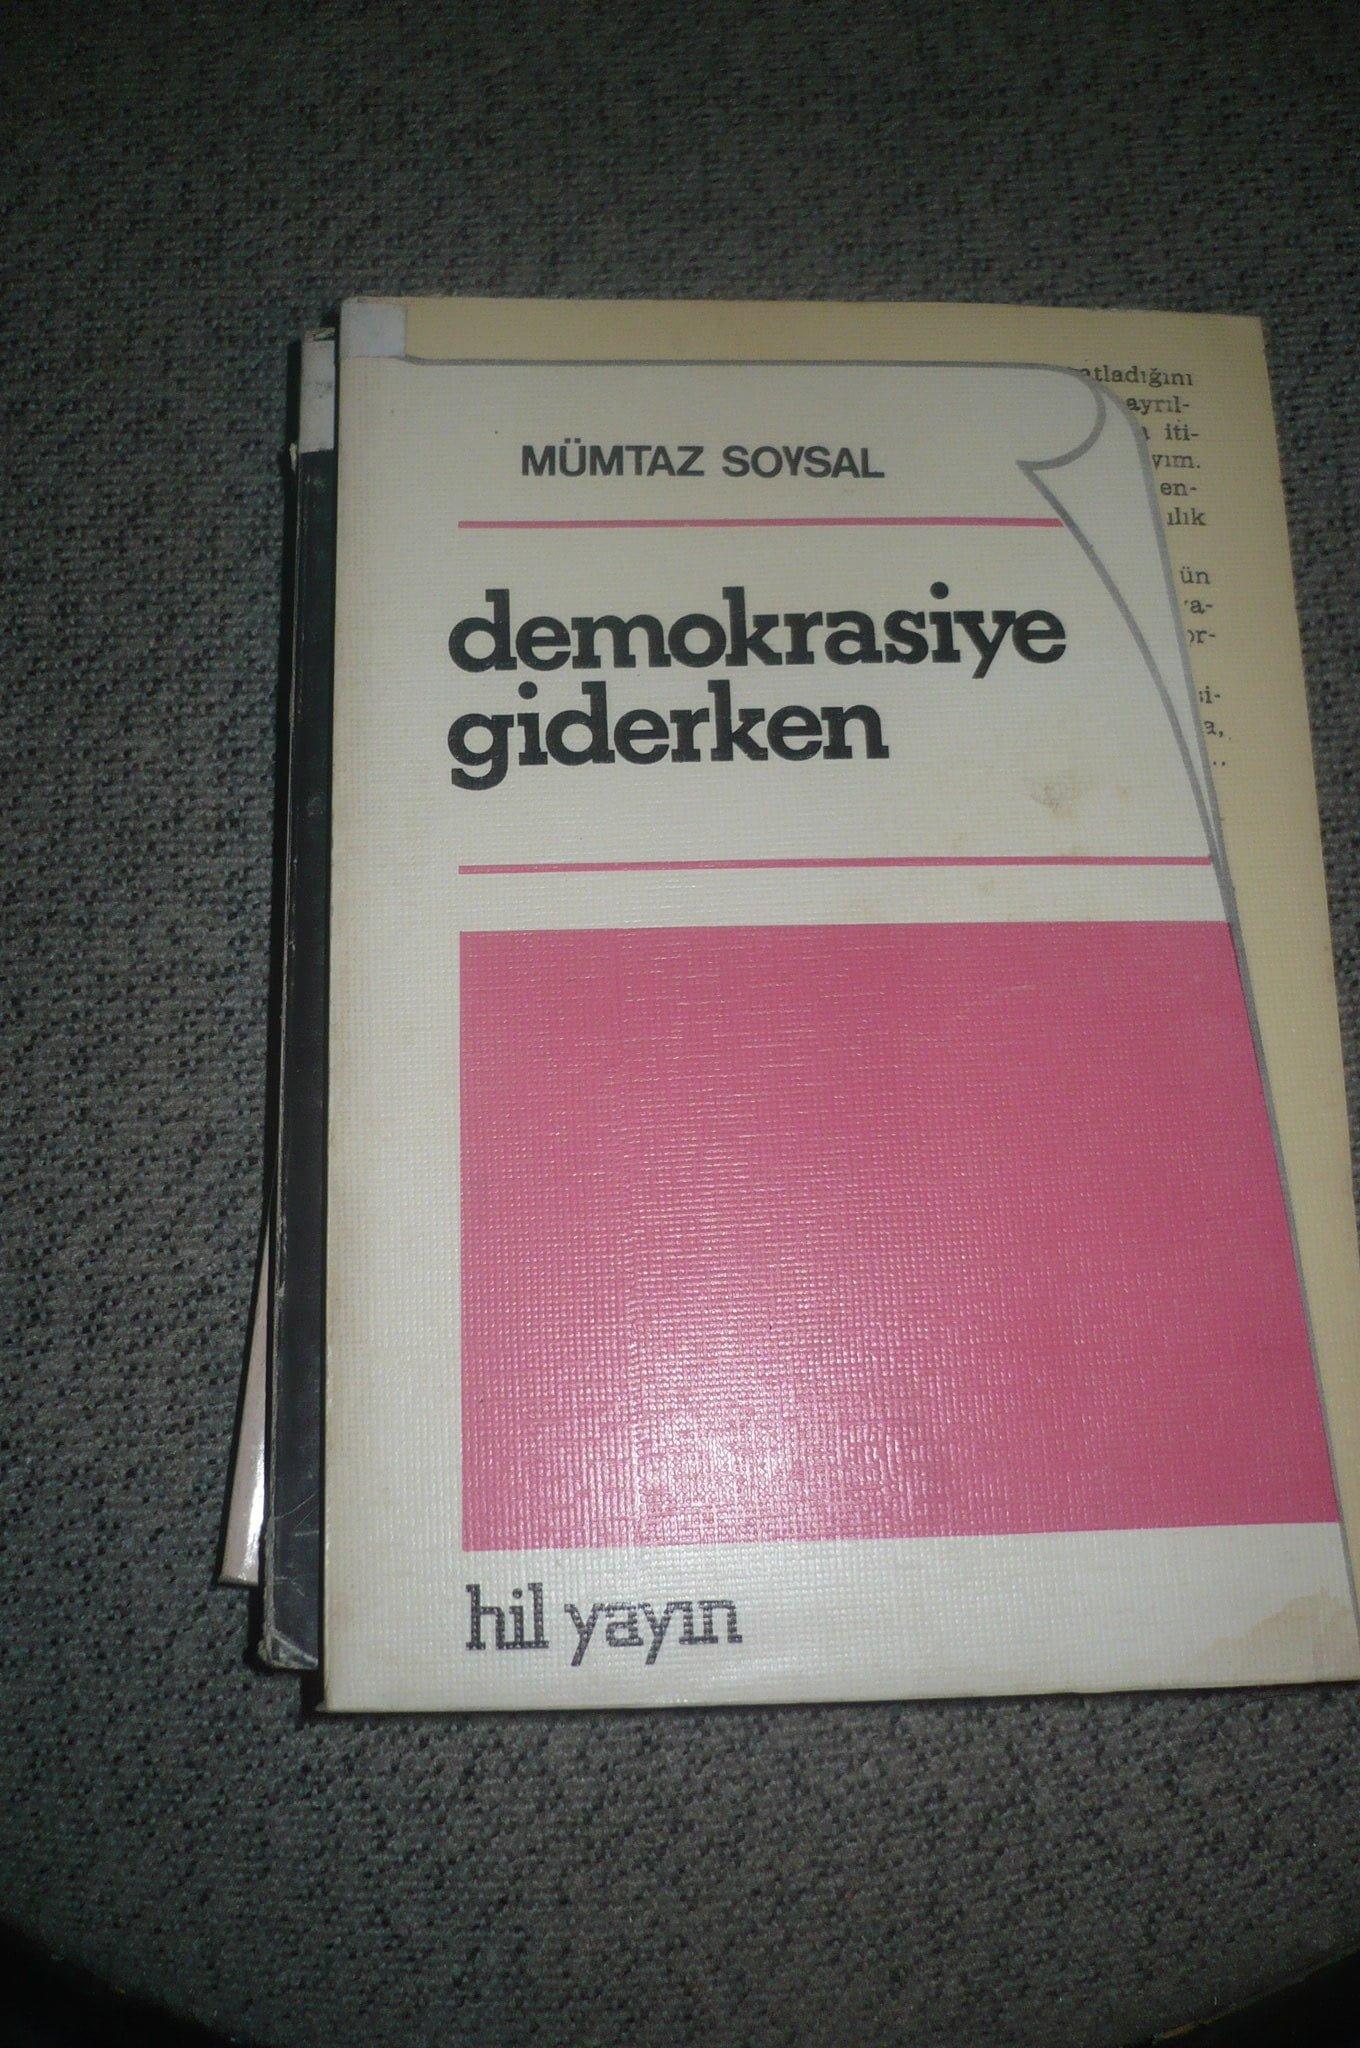 DEMOKRASİYE GİDERKEN/Mümtaz soysal/ 10 tl